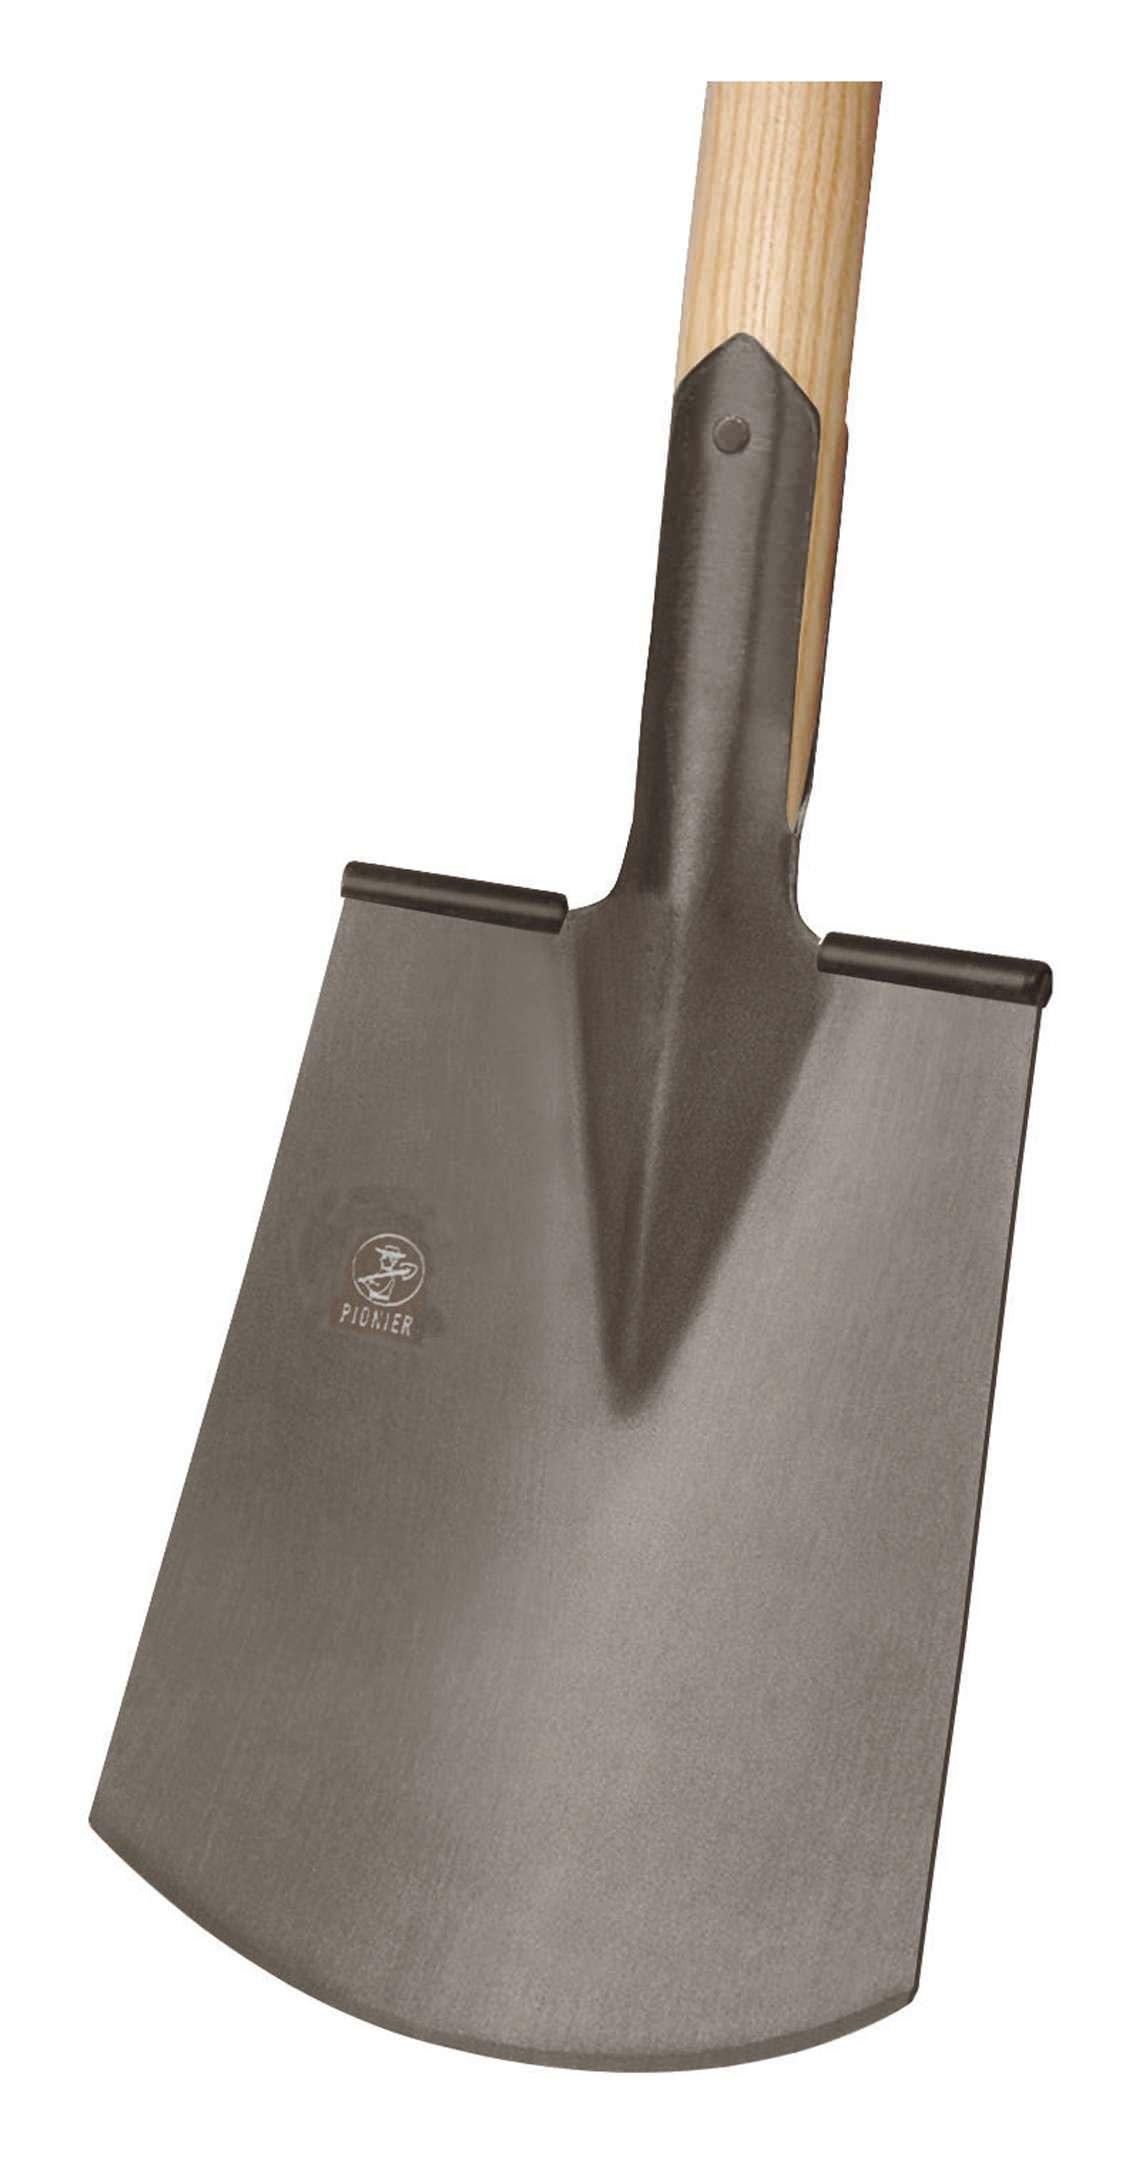 Idealspaten Ideal Pionier Bauspaten T-Stiel Größe 1 Bremer Form - 26030273